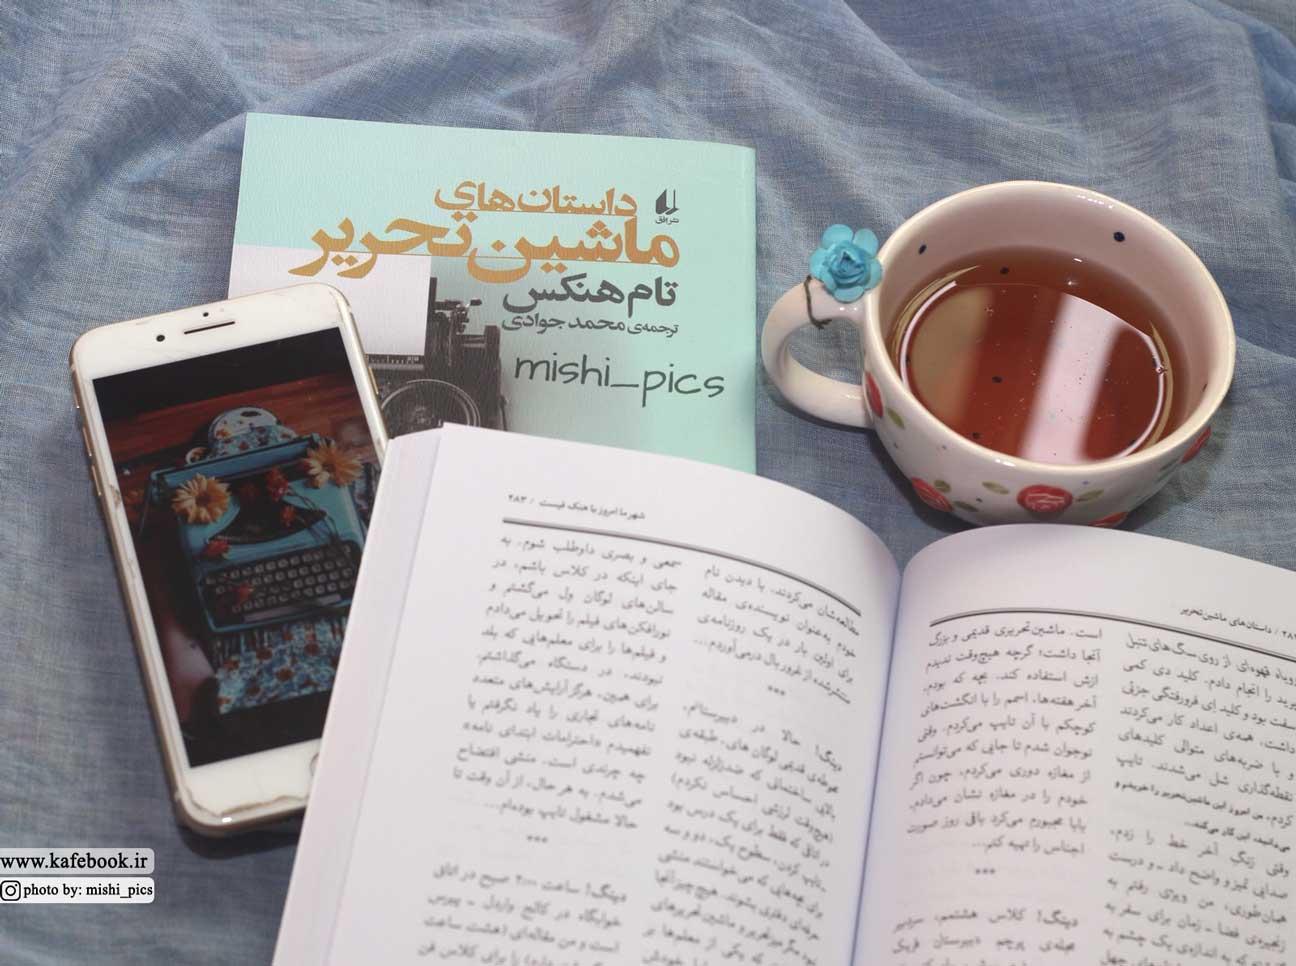 خلاصه کتاب داستان های ماشین تحریر